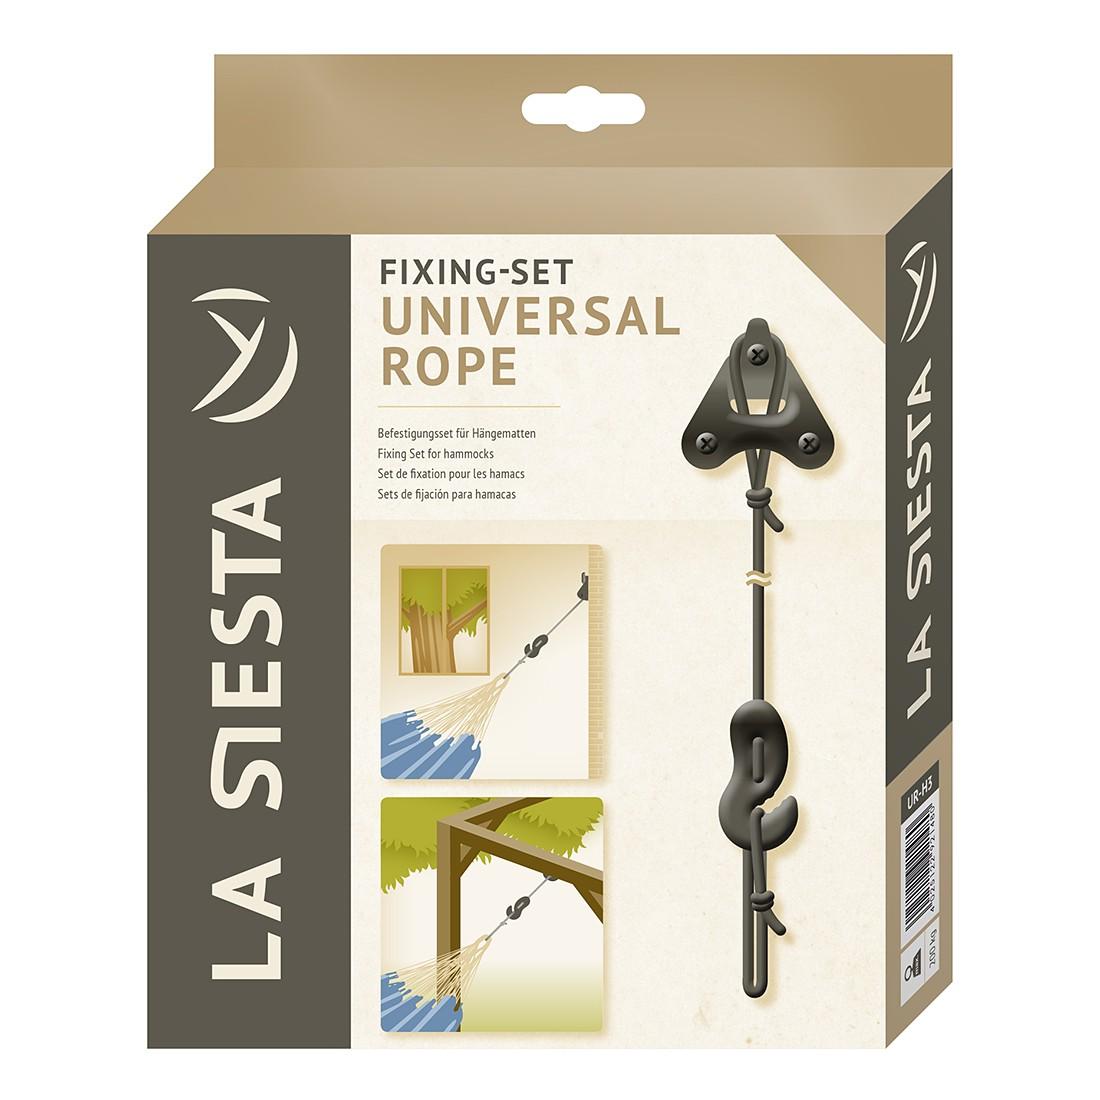 Universal Rope für Hängematten, La Siesta bestellen